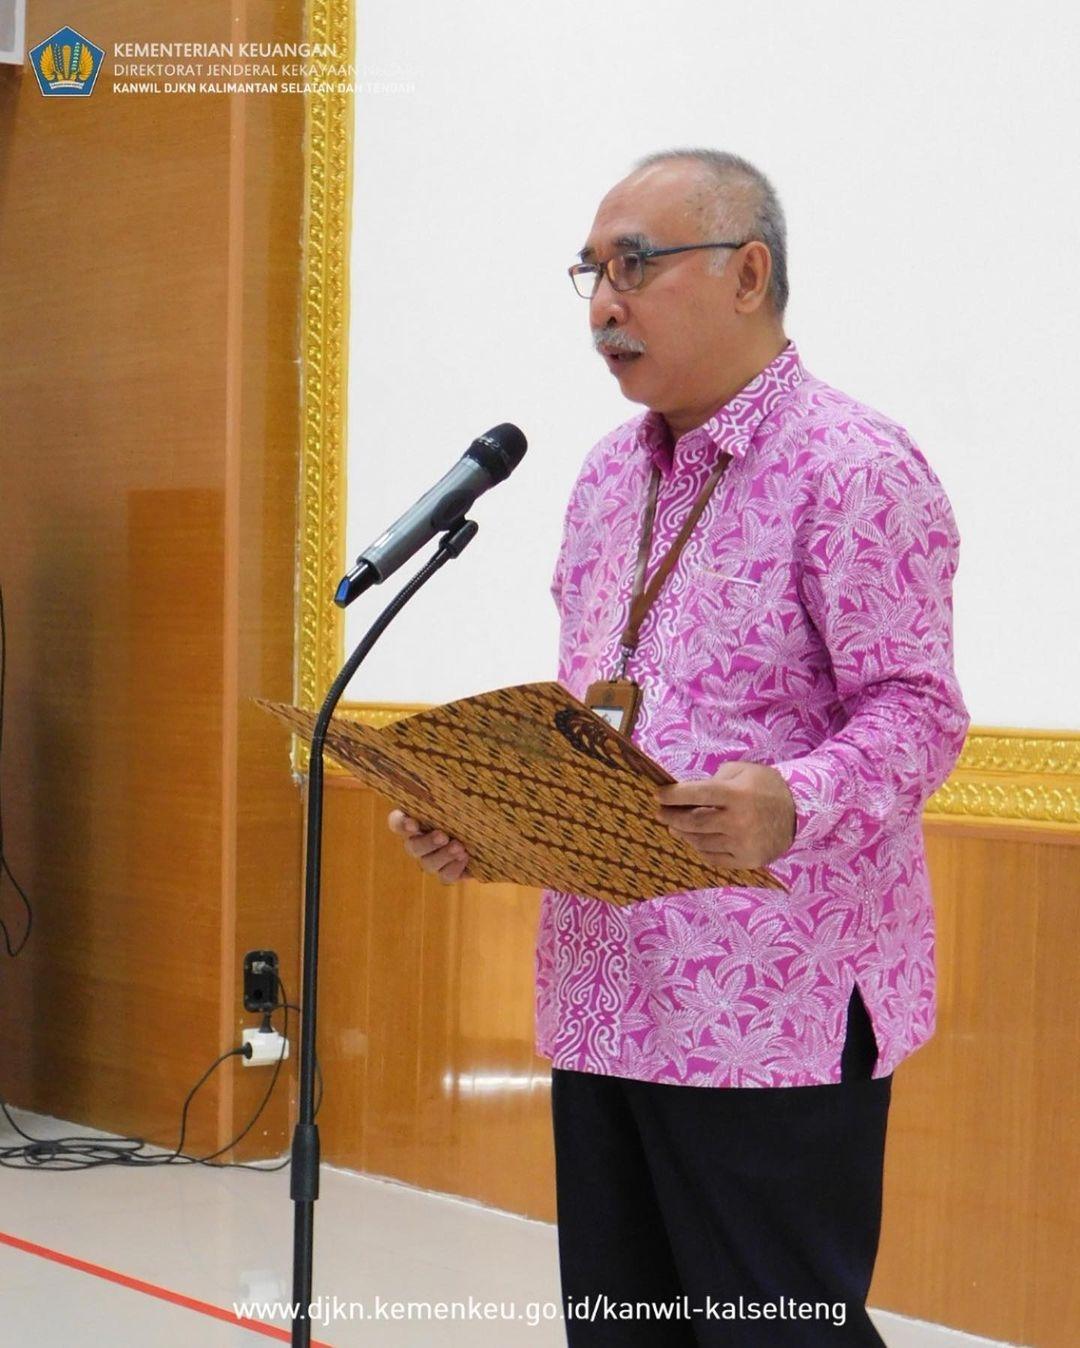 Pelantikan Pejabat Pengawas di Lingkungan Kantor Wilayah DJKN Kalimantan Selatan dan Tengah